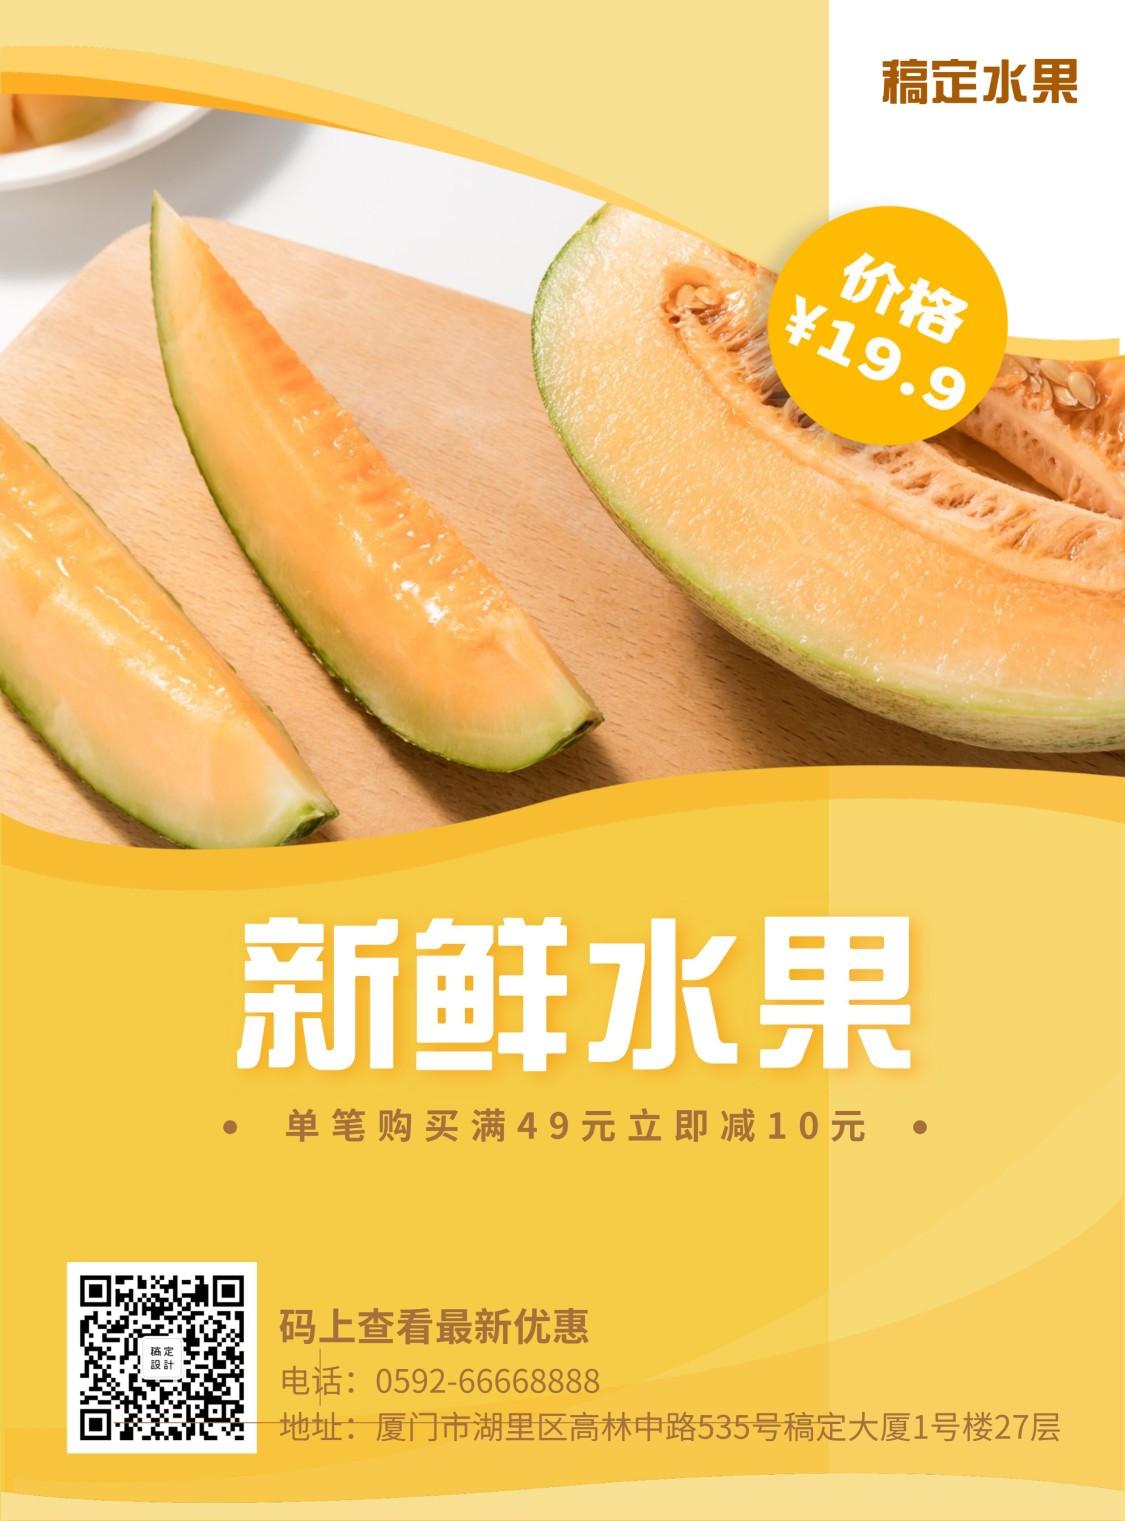 餐饮美食/简约/水果/张贴海报